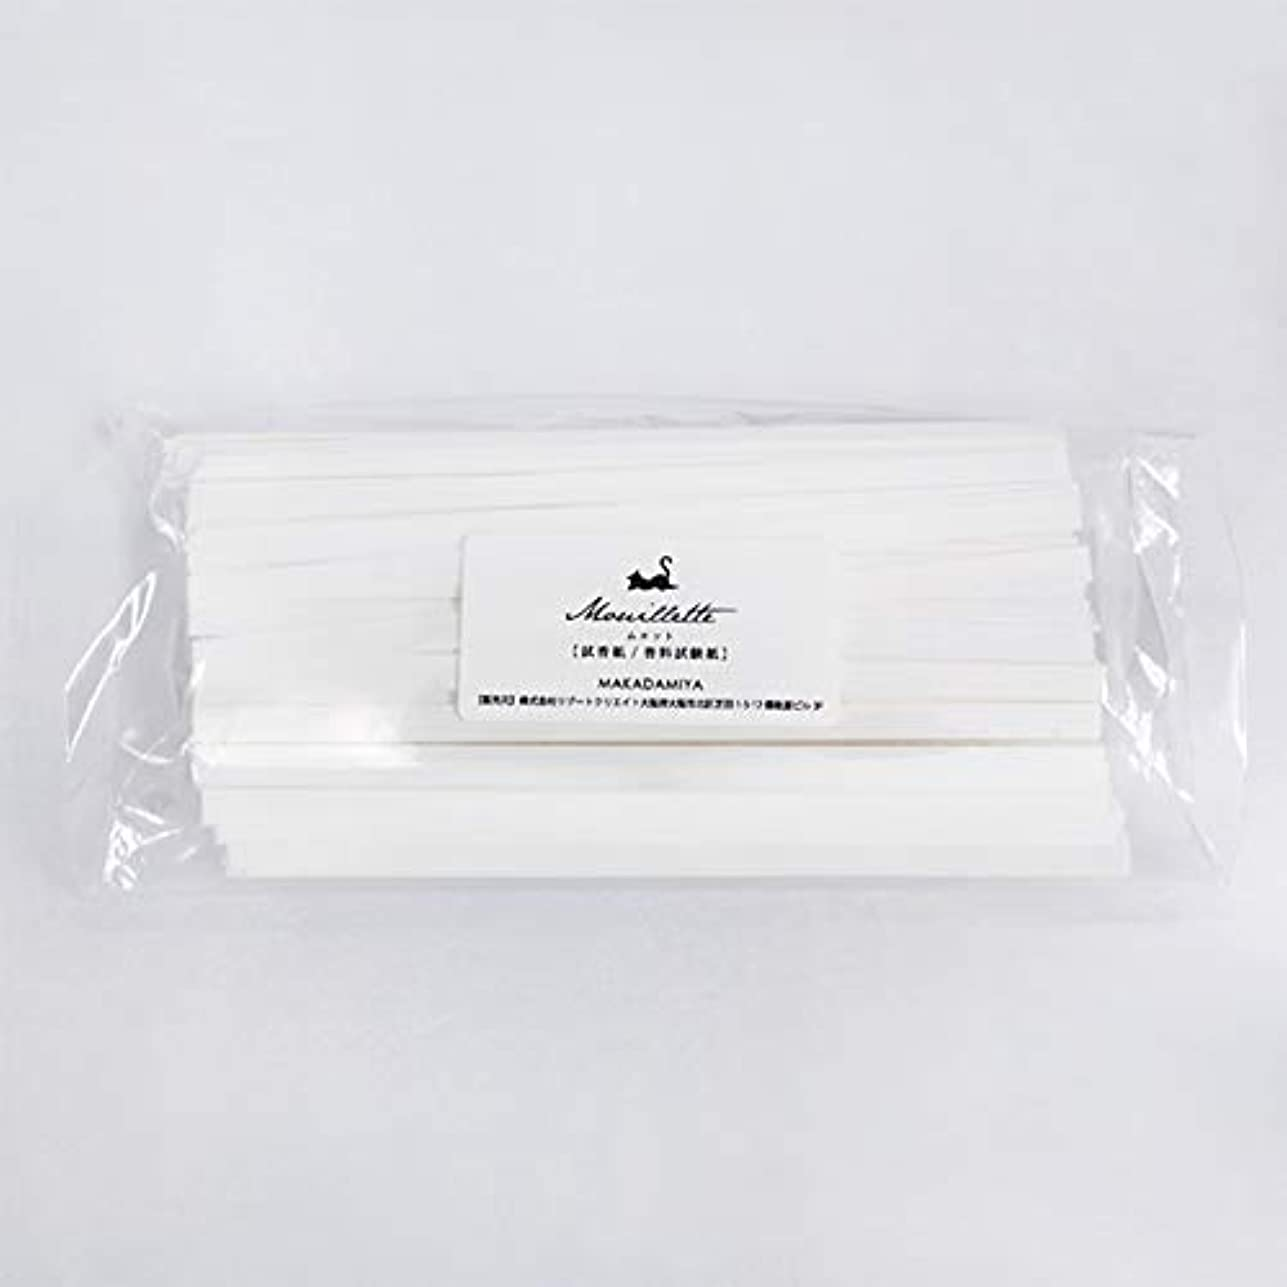 キャッチ販売員しなやかなムエット500本入り 大容量 プロ用(アロマ検定試験対応 試香紙 香料試験紙)